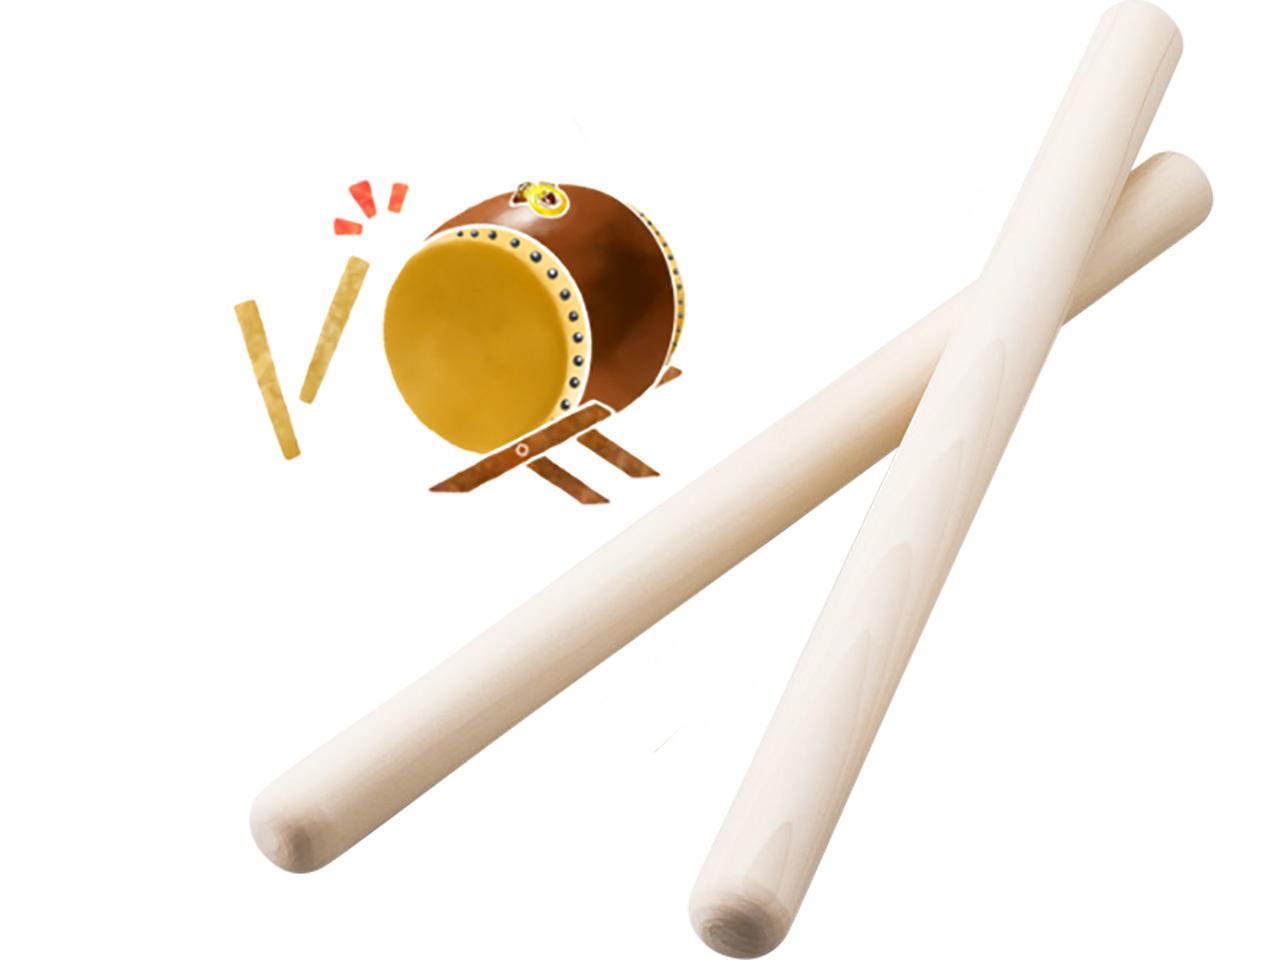 ホオノキの太鼓バチ 3Φ×42cm(2本組)大人におすすめサイズです!